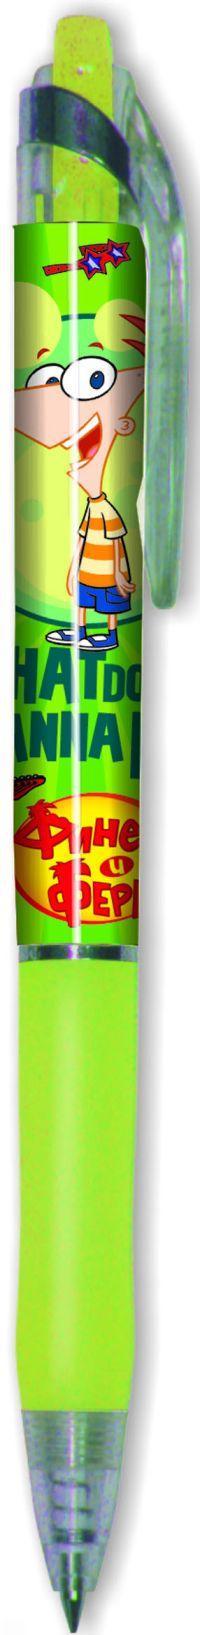 217-0001-PF/10 Ручка шариковая автоматическая синяя(0,7мм)Финес и Ферб